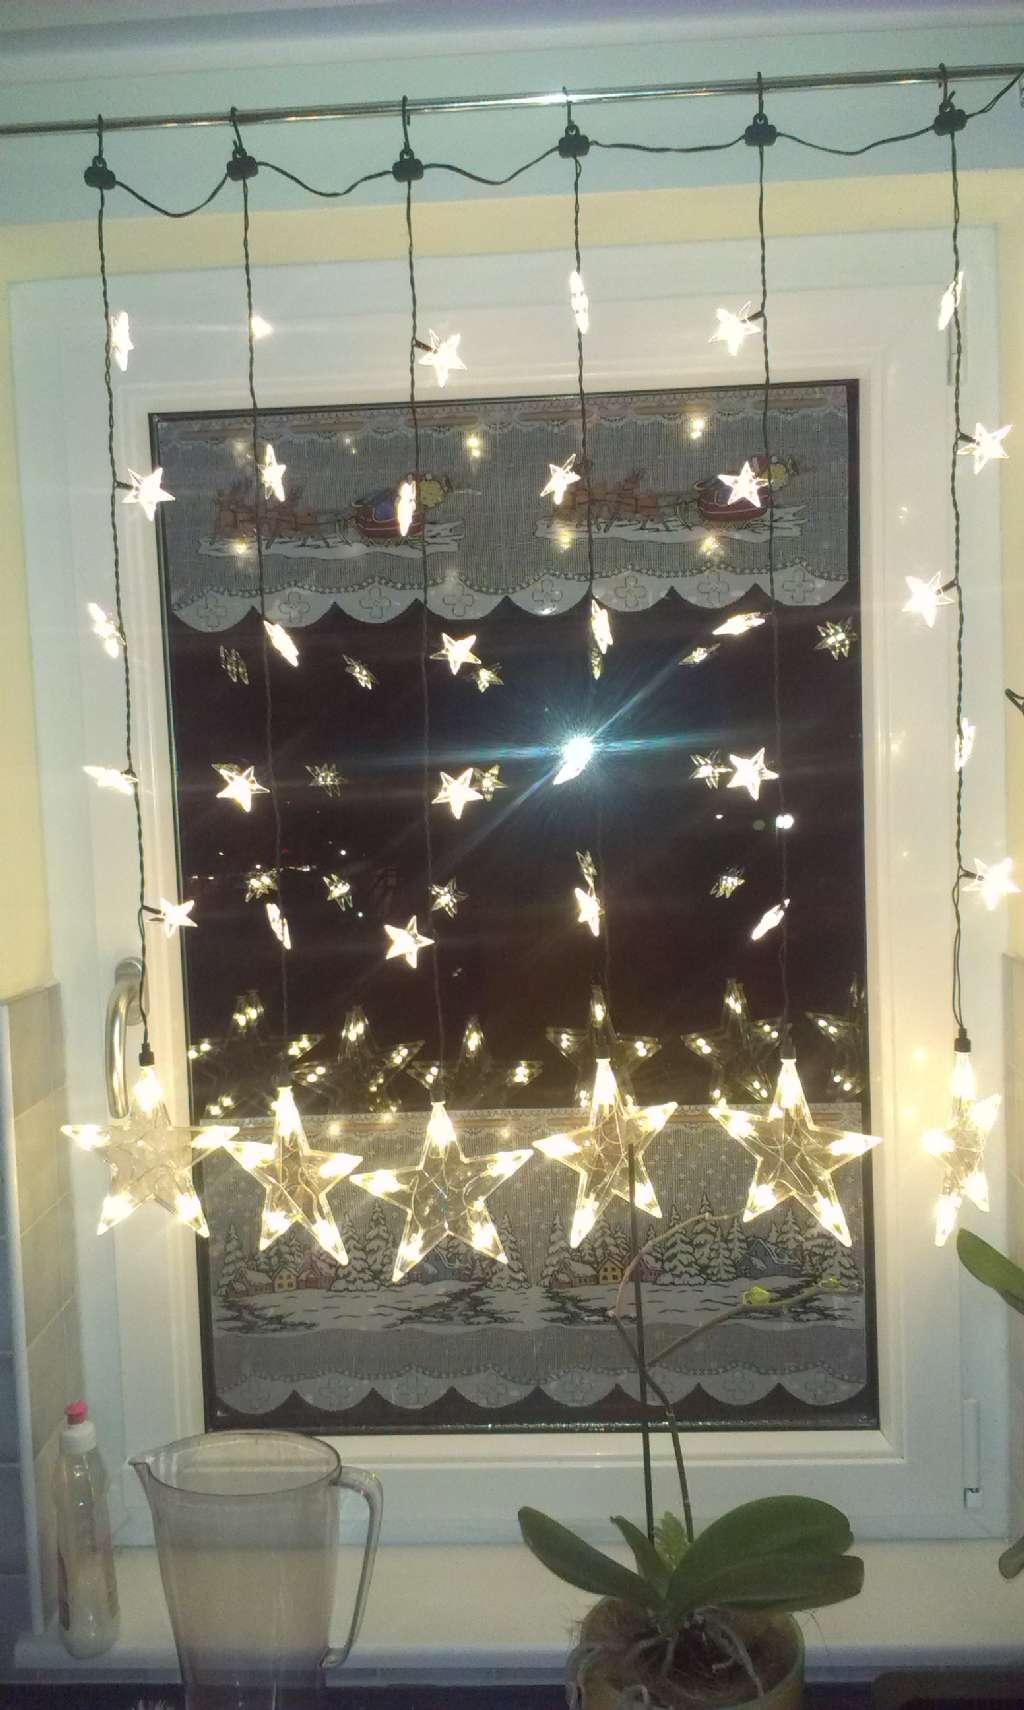 Weihnachtsbeleuchtung forum auf - Fenster weihnachtsbeleuchtung ...